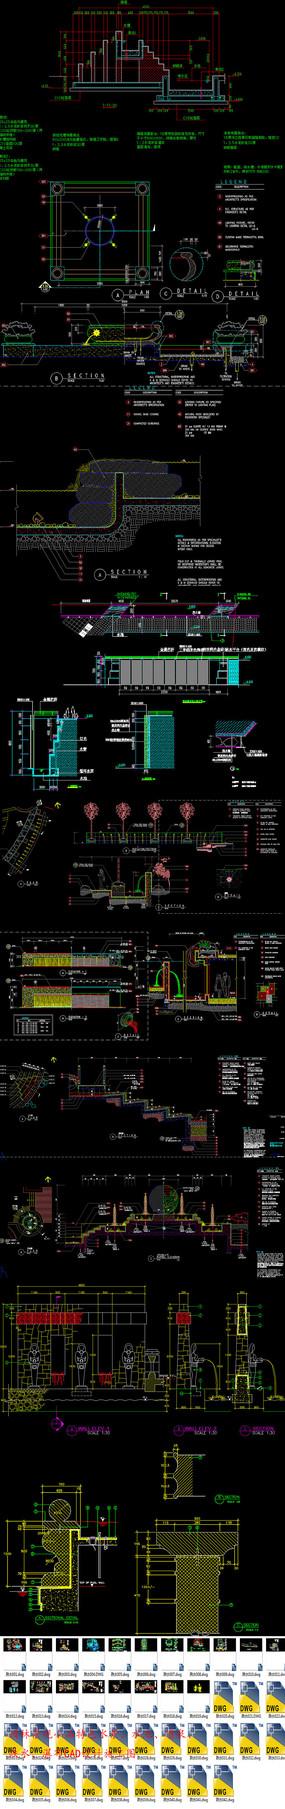 园林景观小品特色水景跌水CAD设计施工图